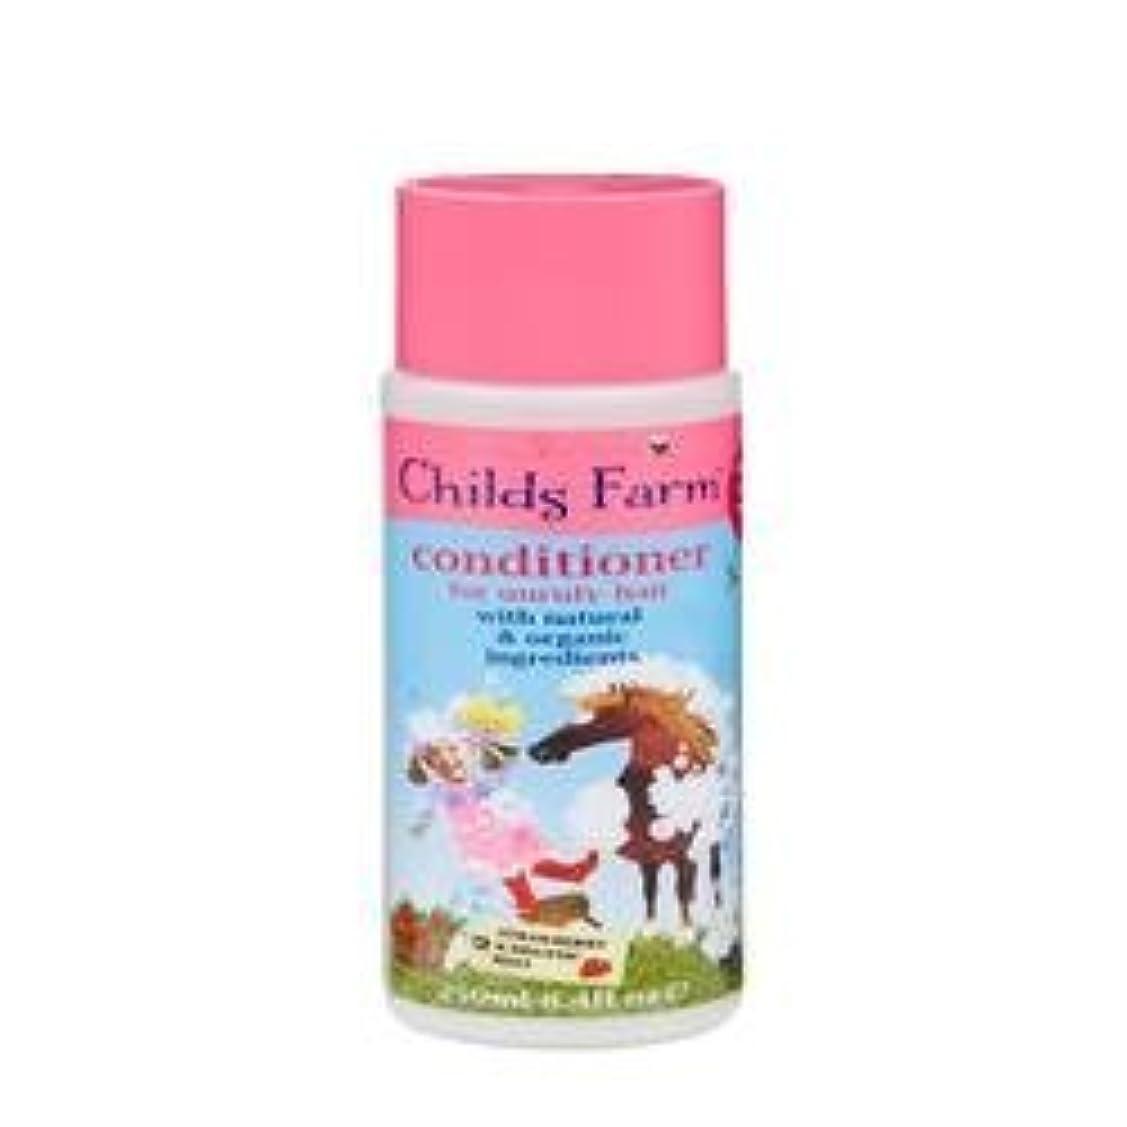 ヒューズ保存するジョージバーナードConditioner for Unruly Hair (250ml) x 6 Pack by Childs Farm [並行輸入品]